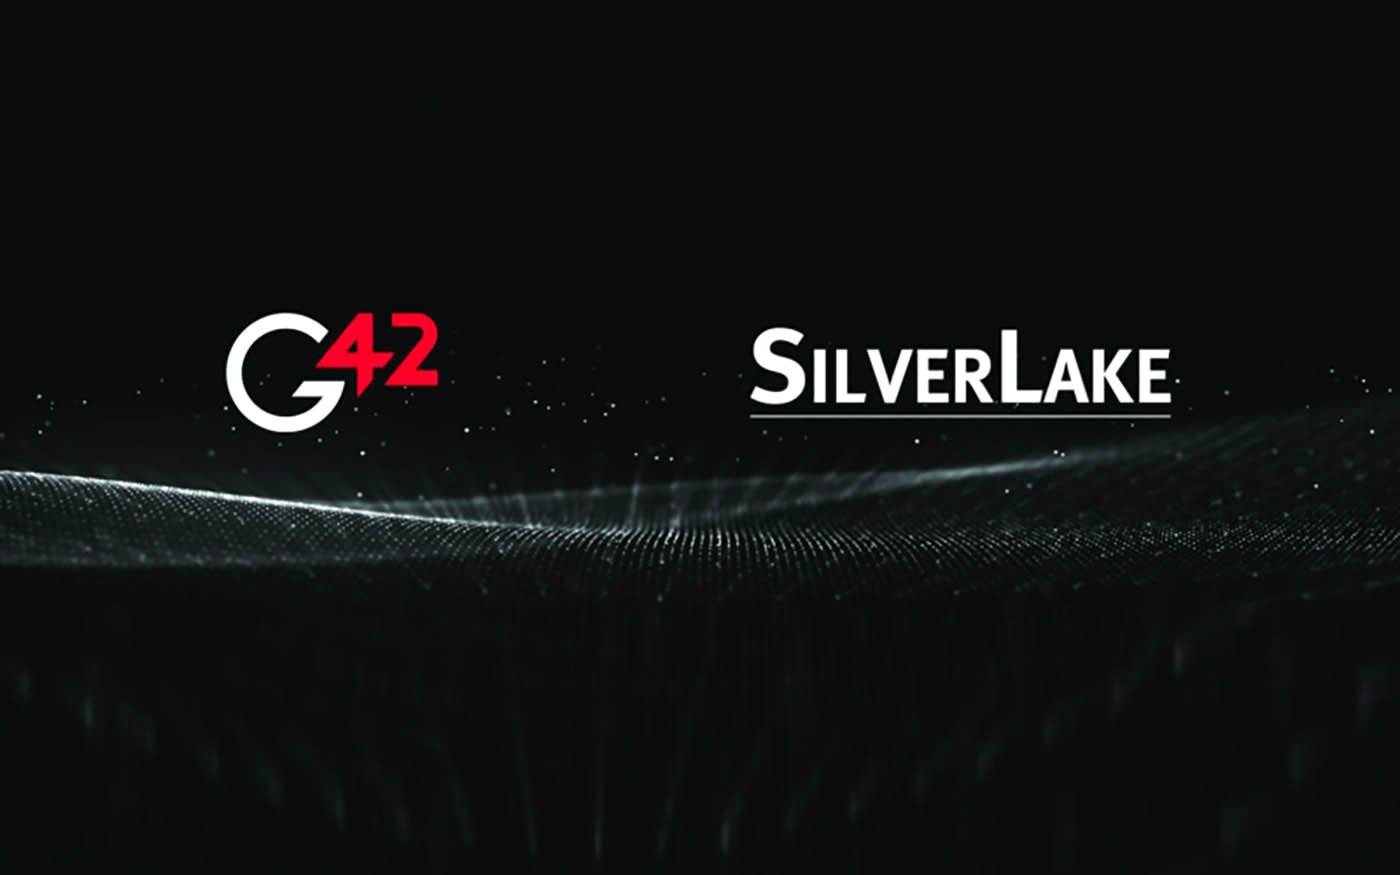 «سيلفر ليك» تستثمر في «جي 42» بأبوظبي